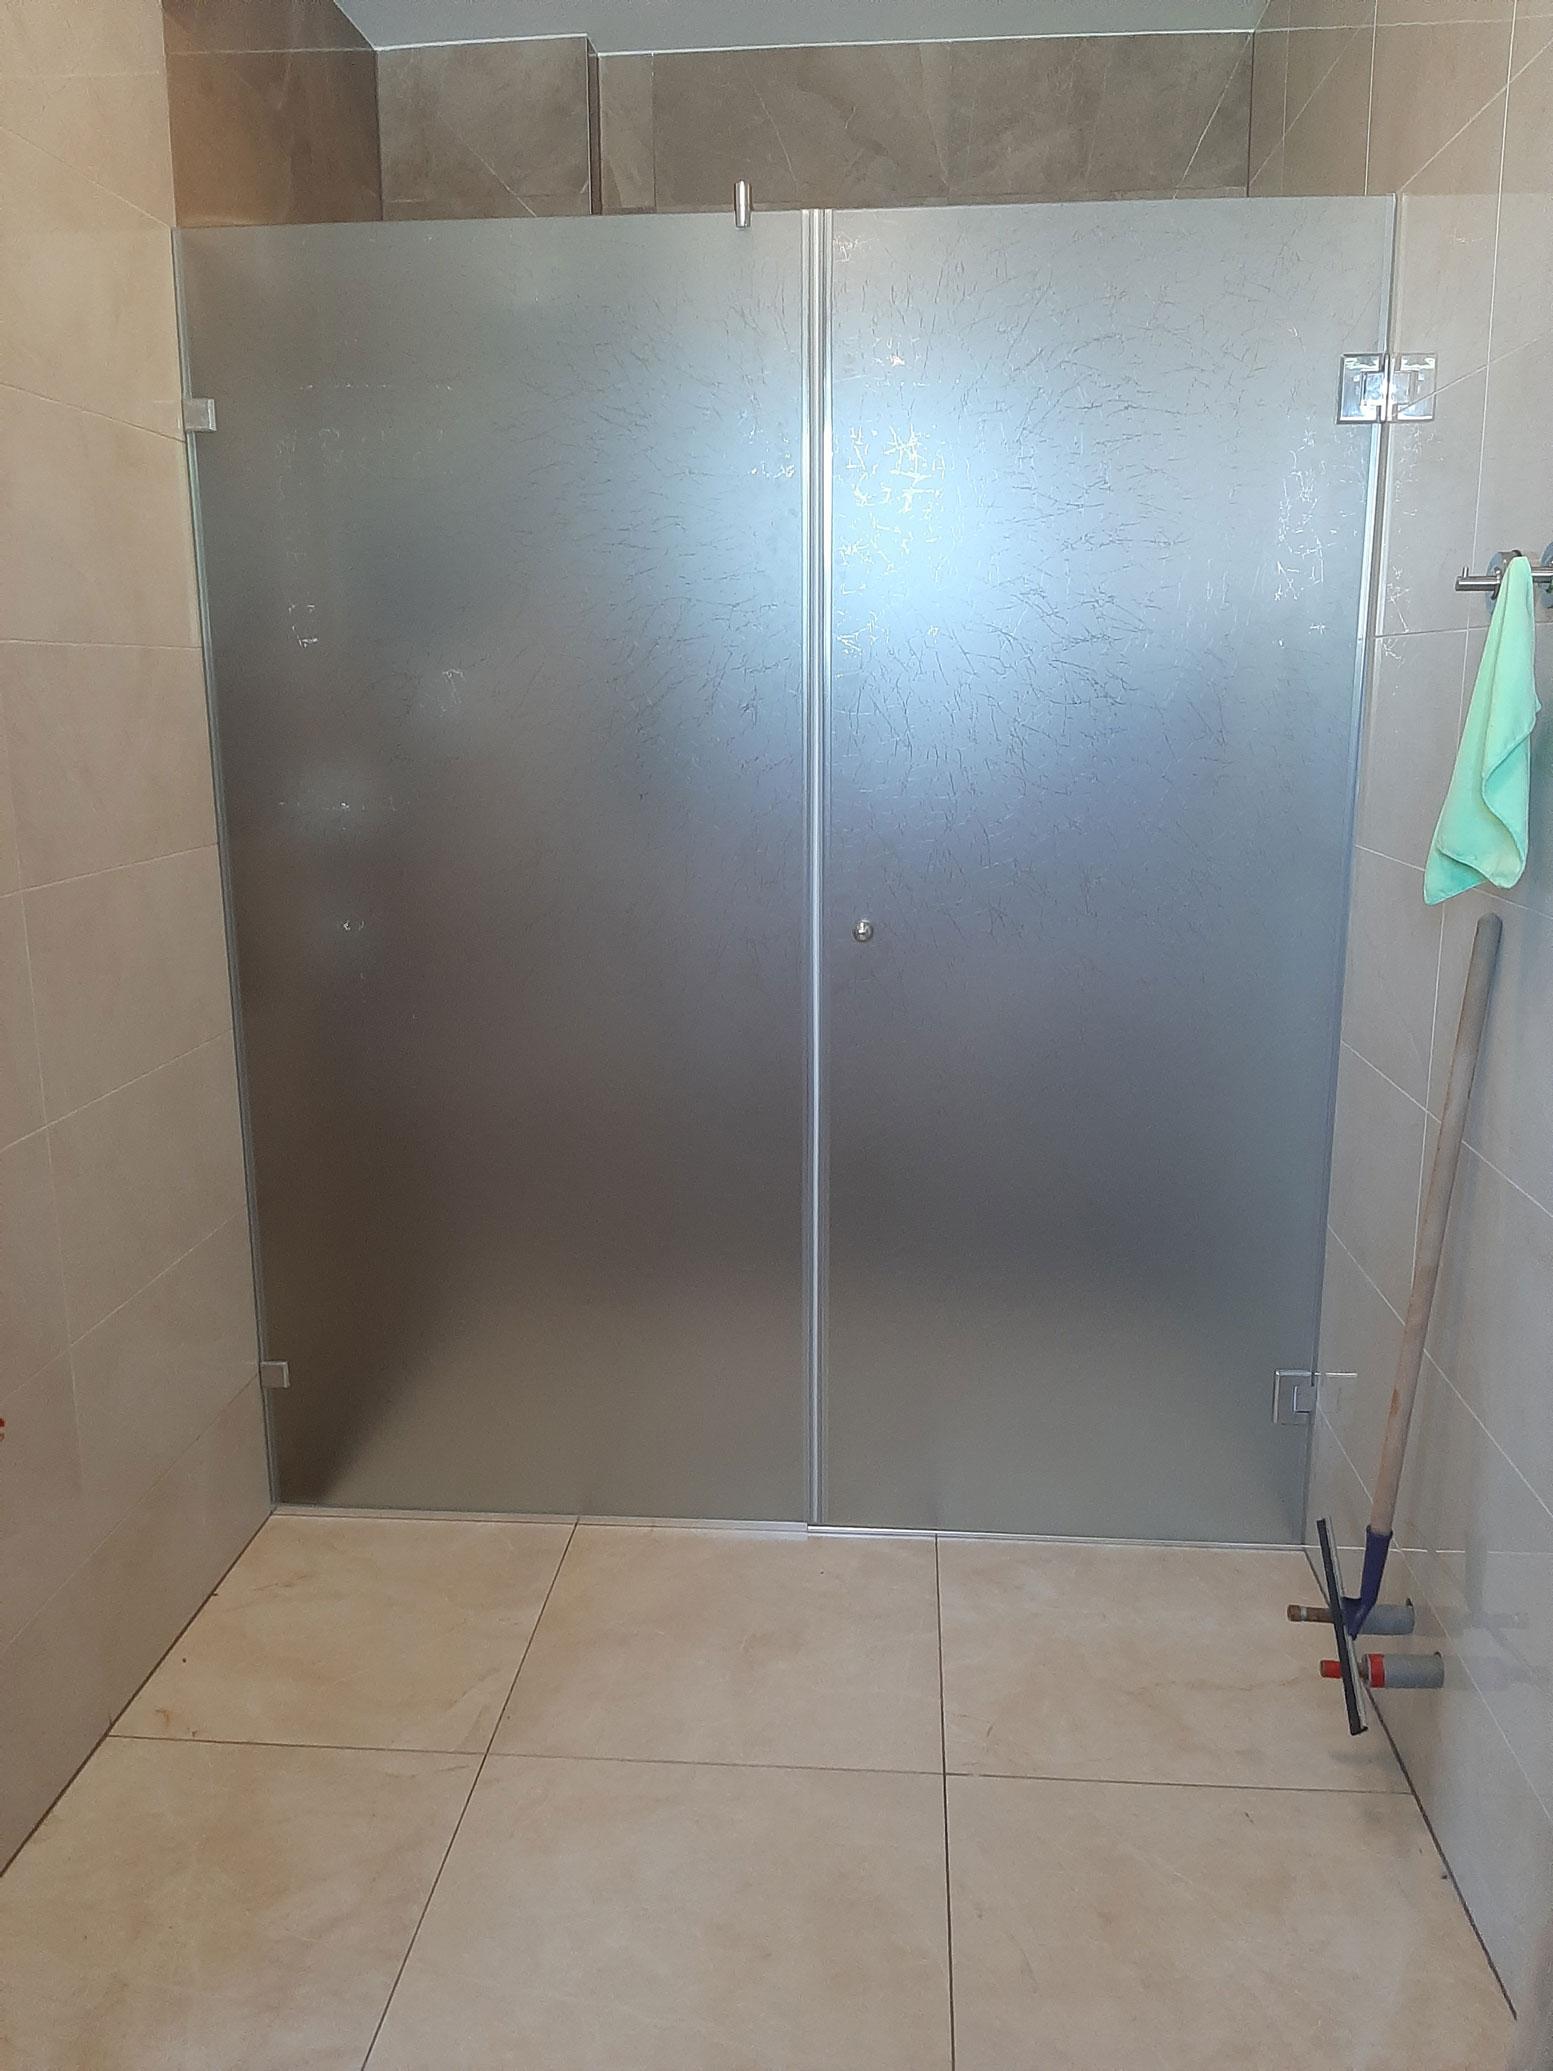 Sklenarstvi-Prerost-sprchove- kouty-a-sprchy (2)